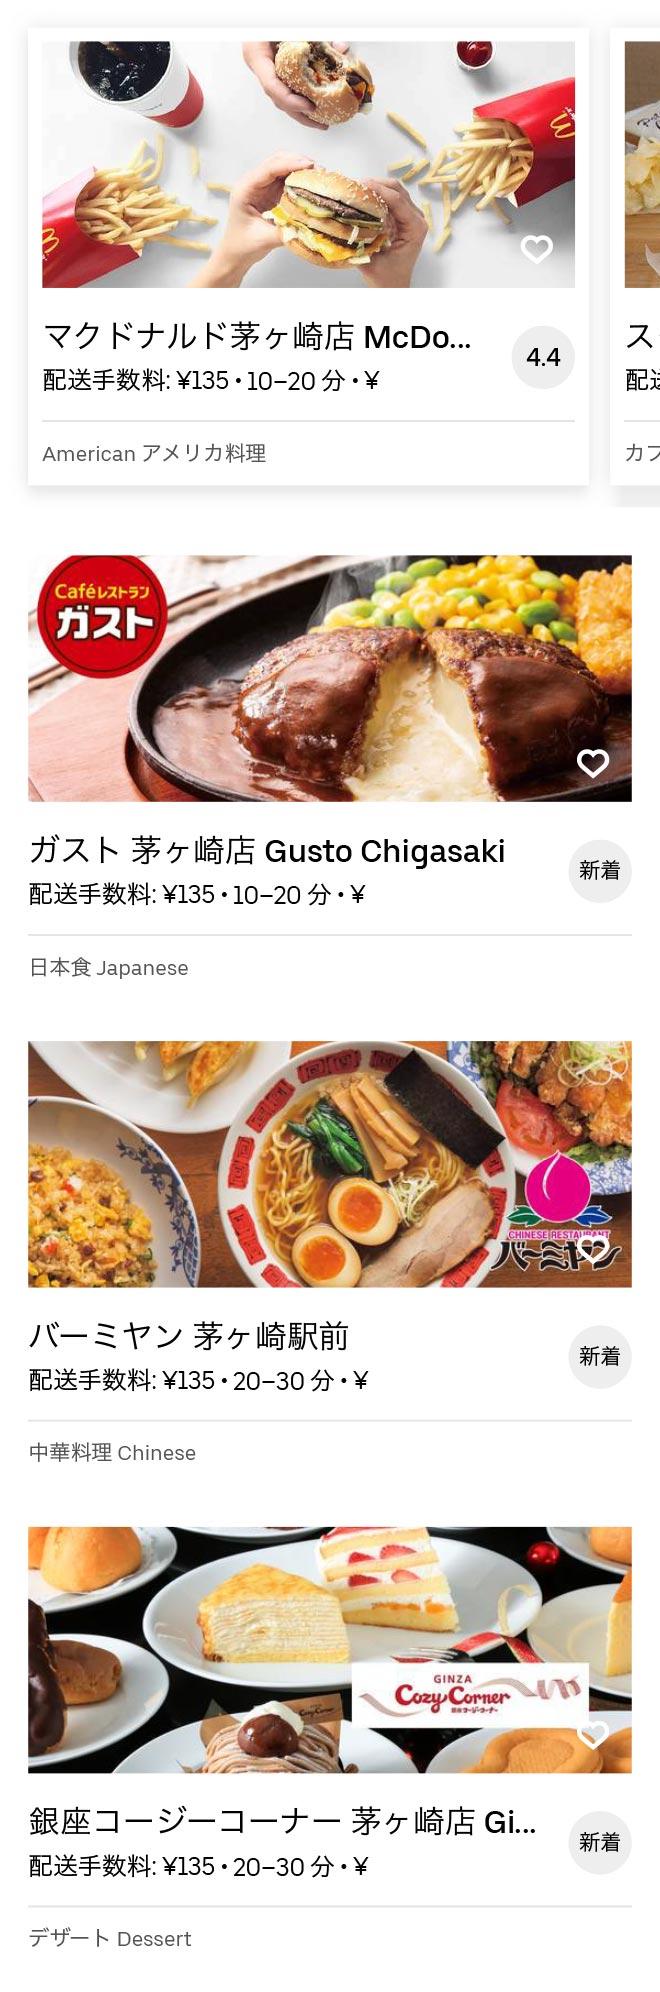 Chigasaki menu 2008 01